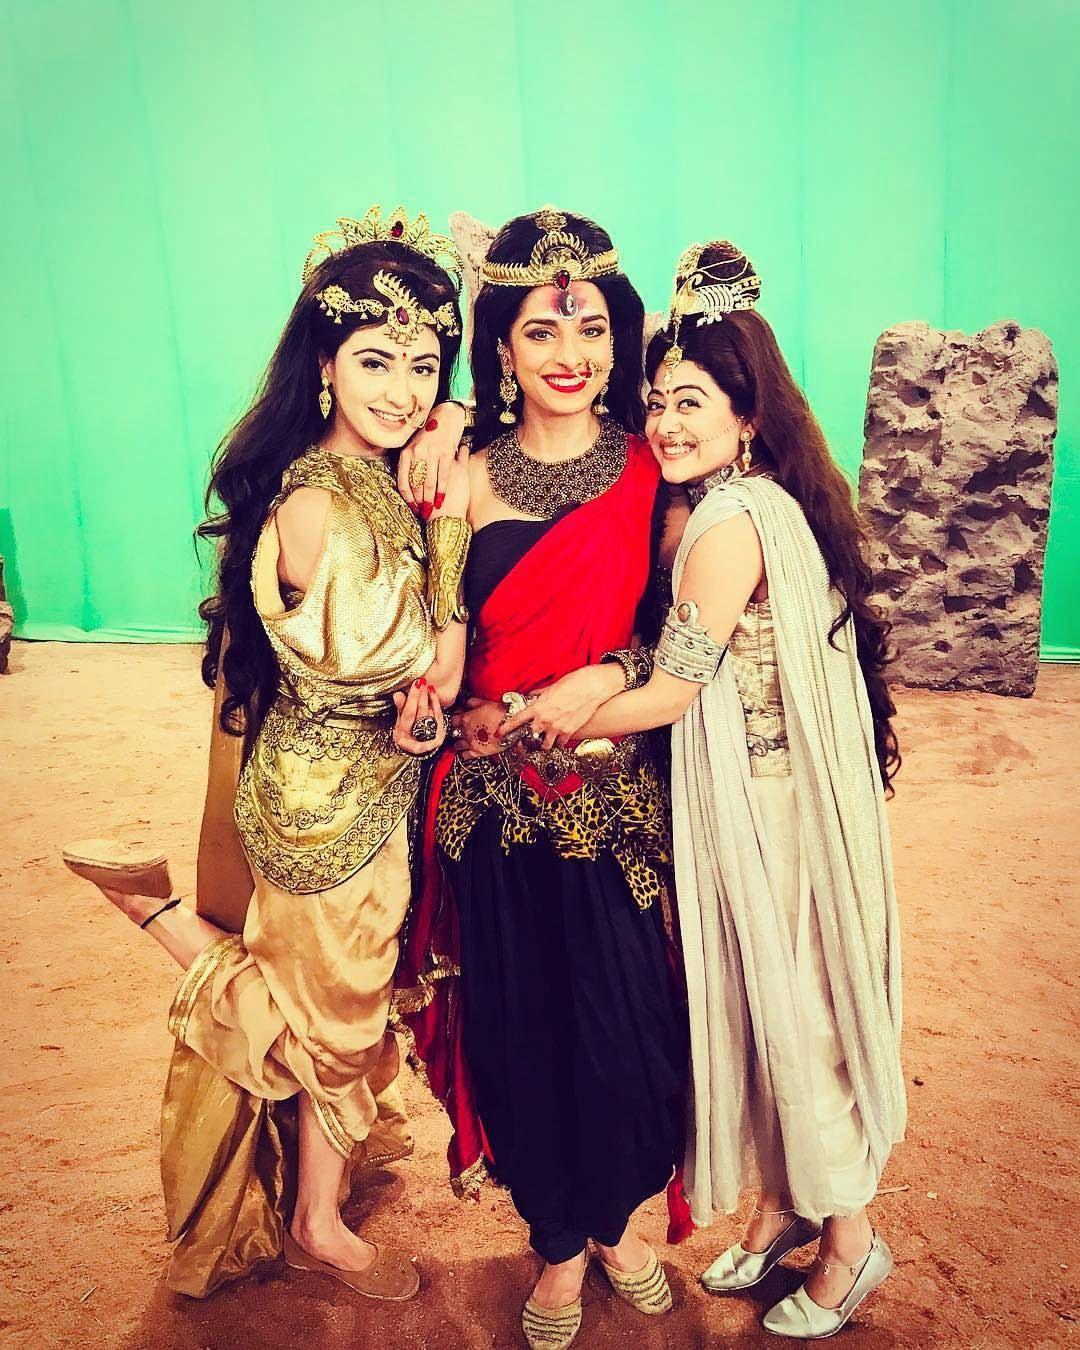 mahakali_1 - Mahakali  Anth Hi Aarambh Hai - Cutest Pic Of Warriors